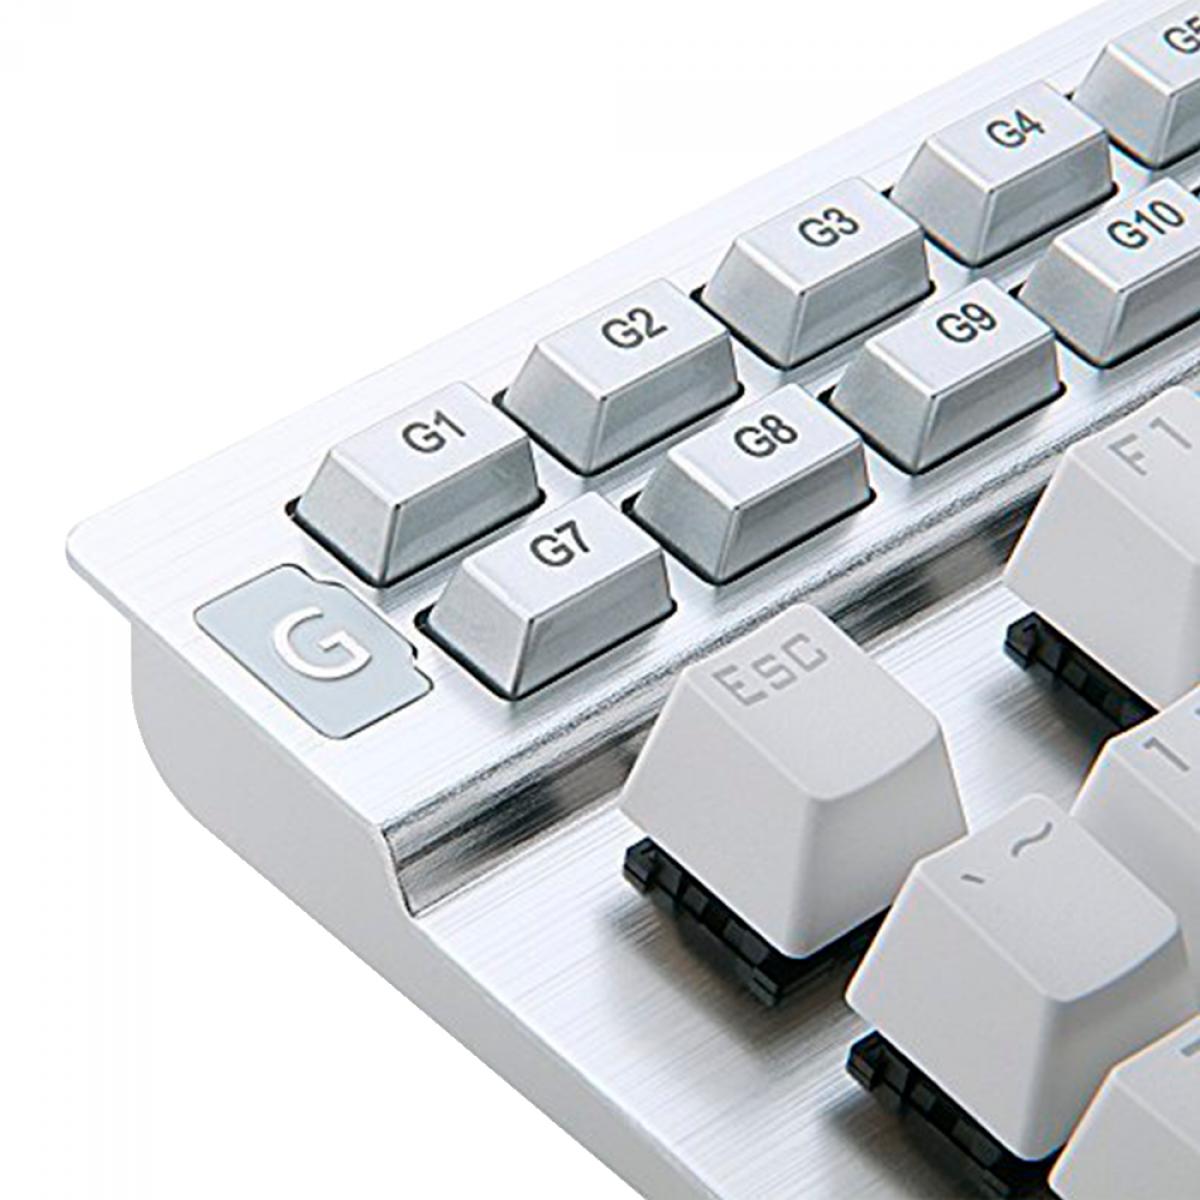 Teclado Mecânico Gamer Redragon Yama, RGB, Switch Purple, White, K550W-RGB-1